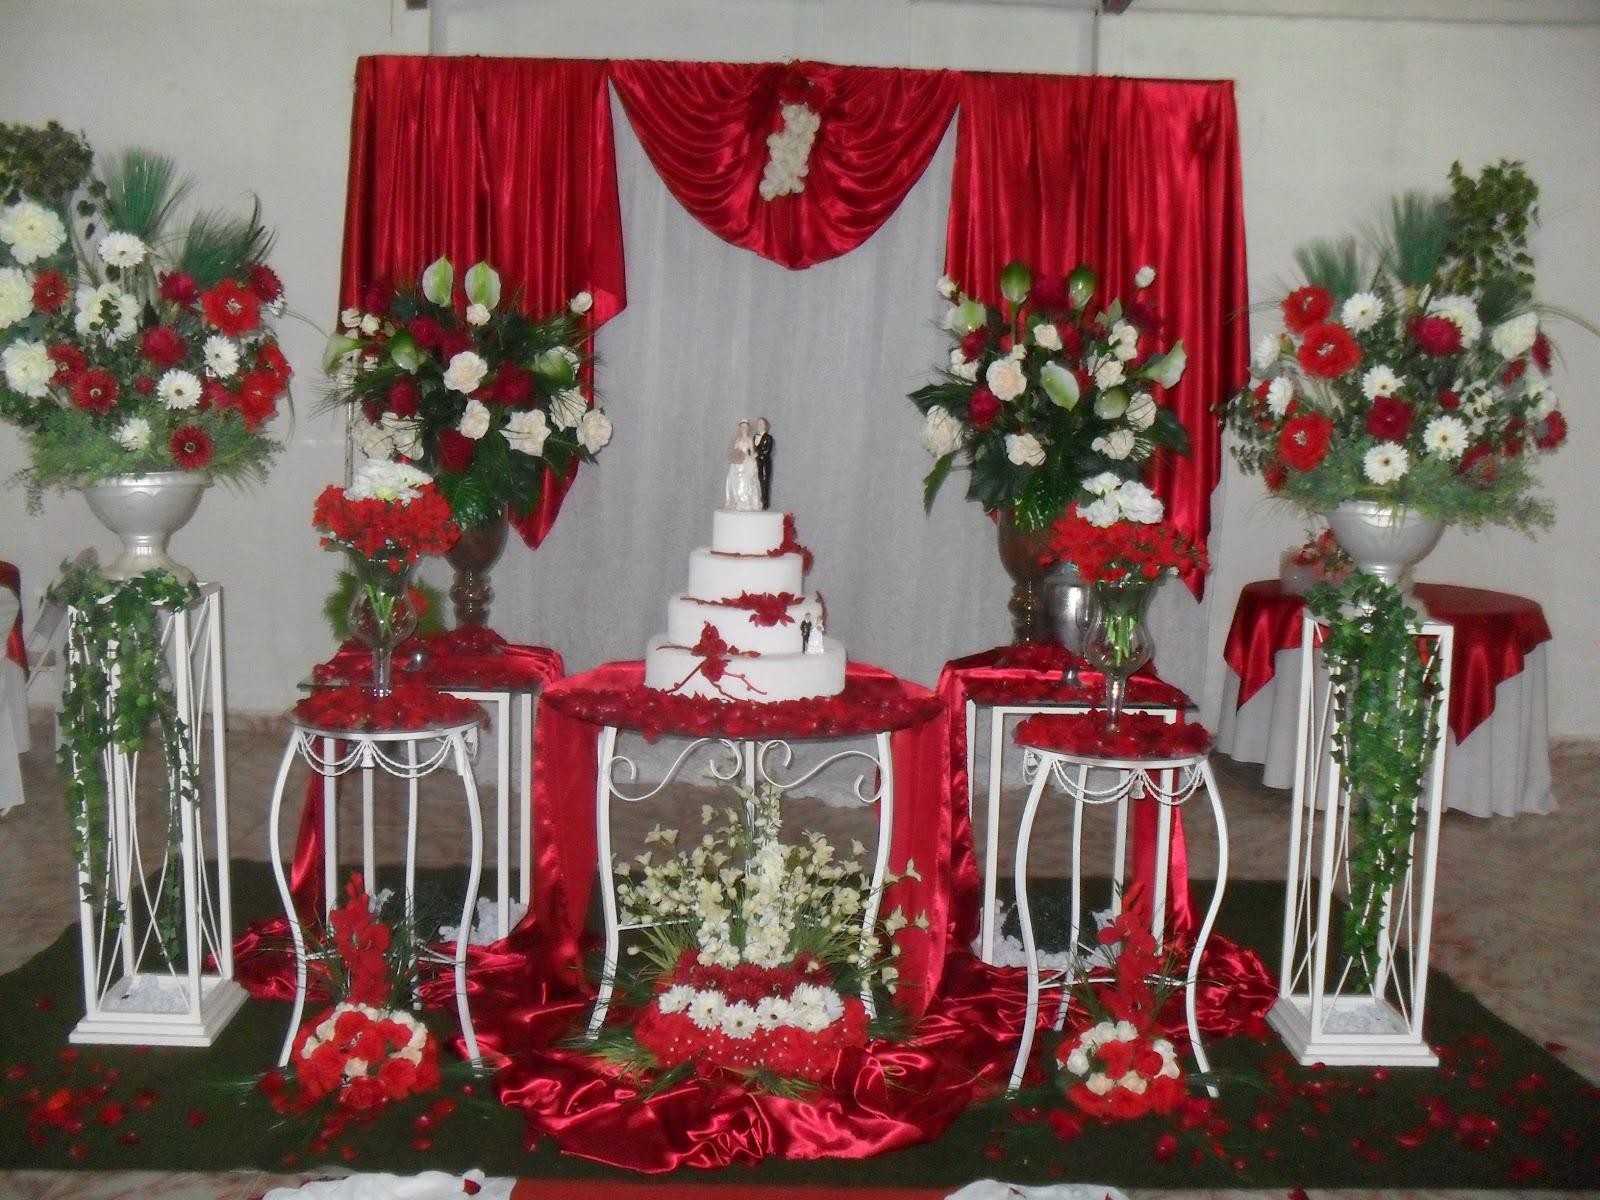 ... de casamento ? fotos # decoracao branca e vermelha para casamento